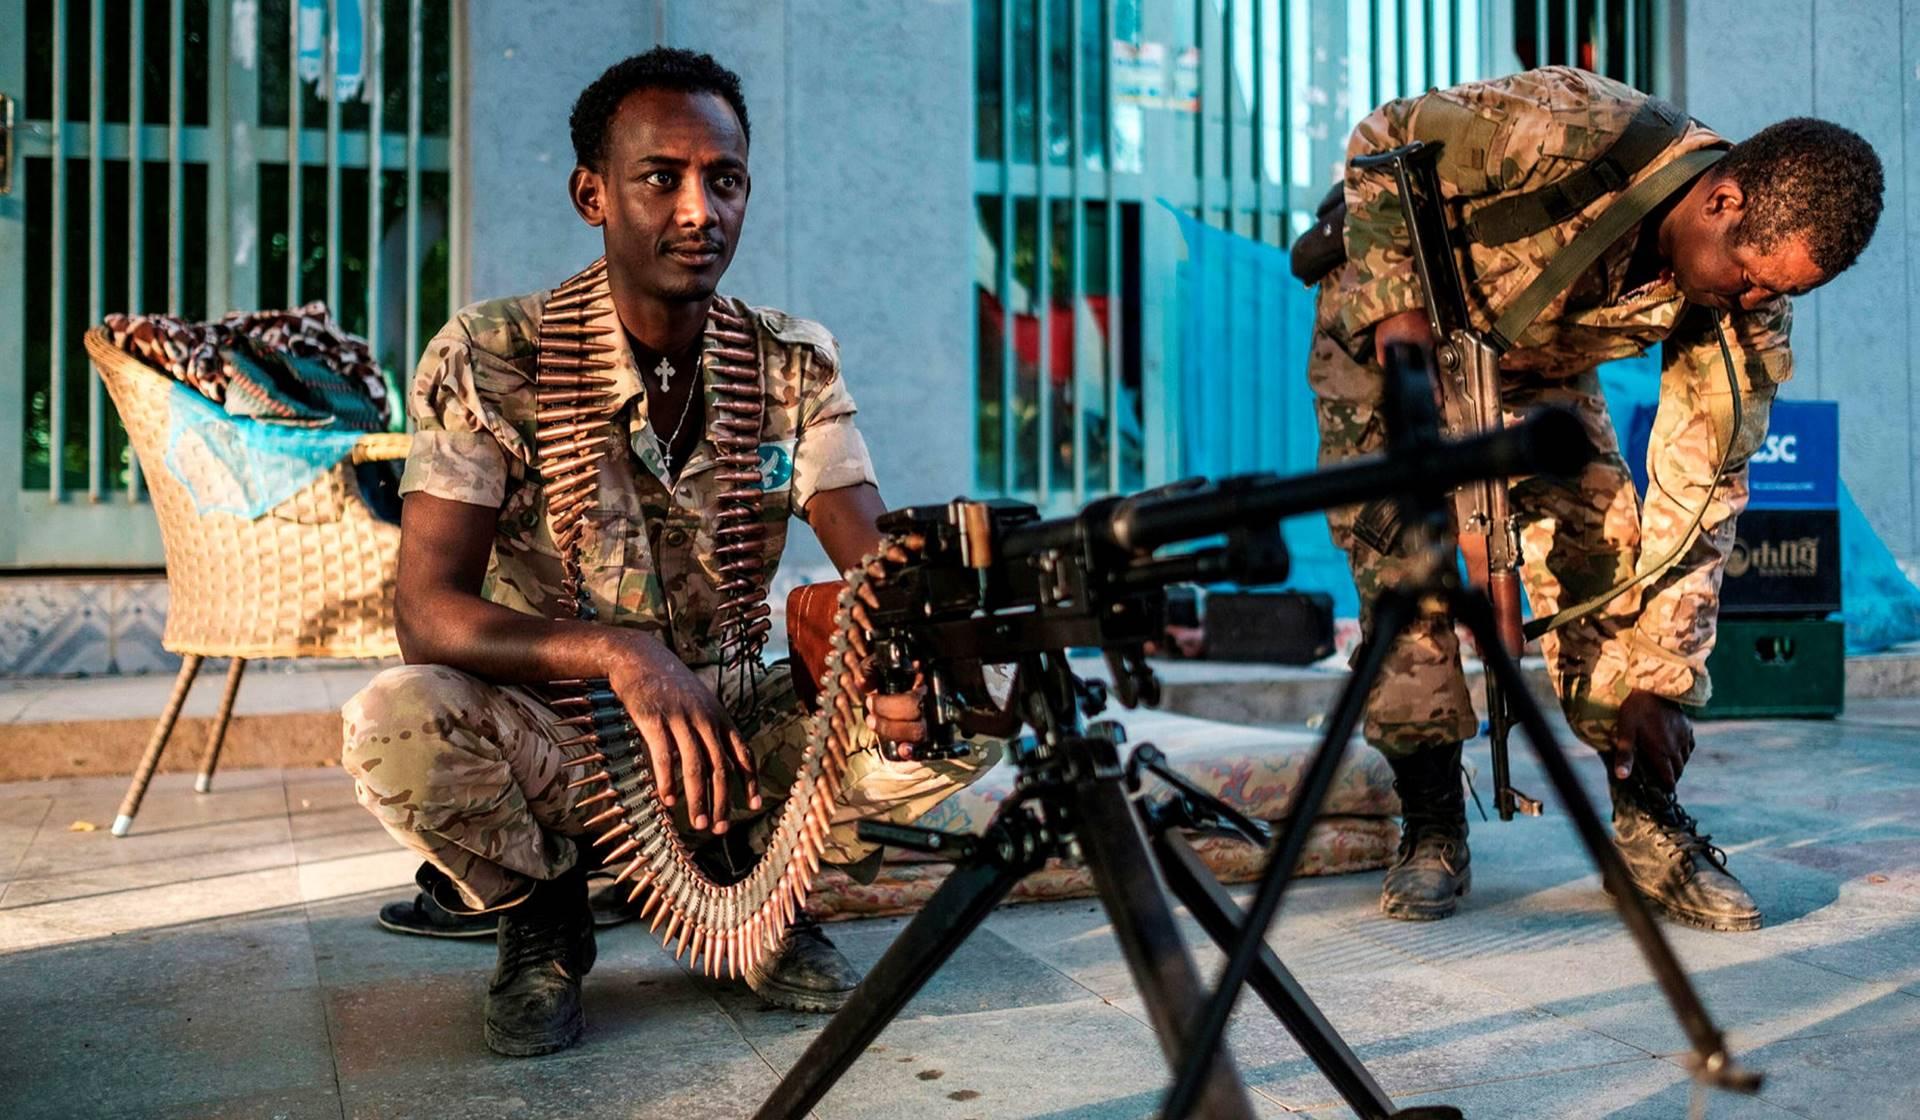 Guerra silenciada entre Etiopía y Tigray.